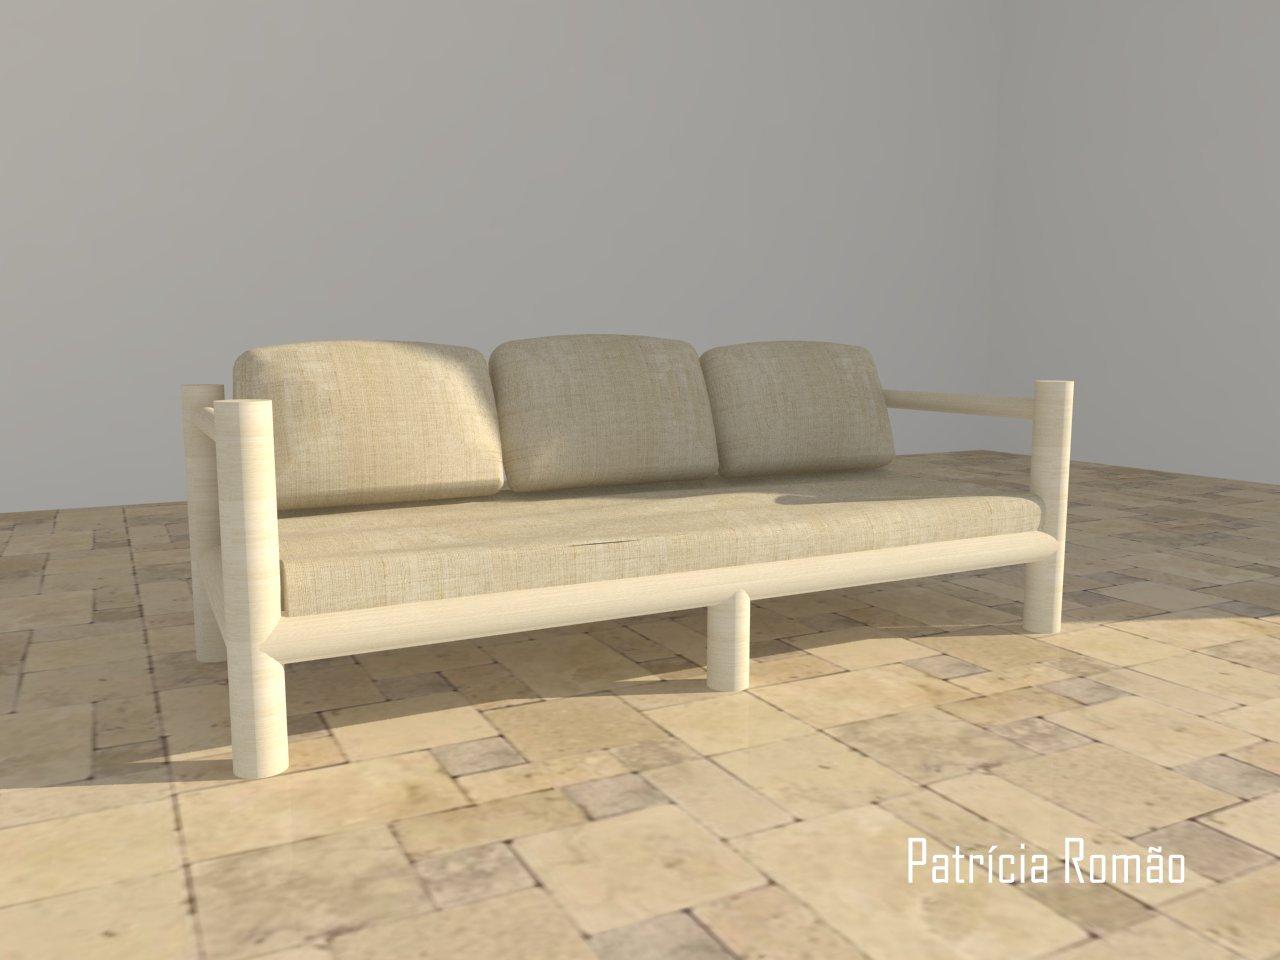 Projecto a 3D e um sofá feito de paus de madeira. #A17C2A 1280x960